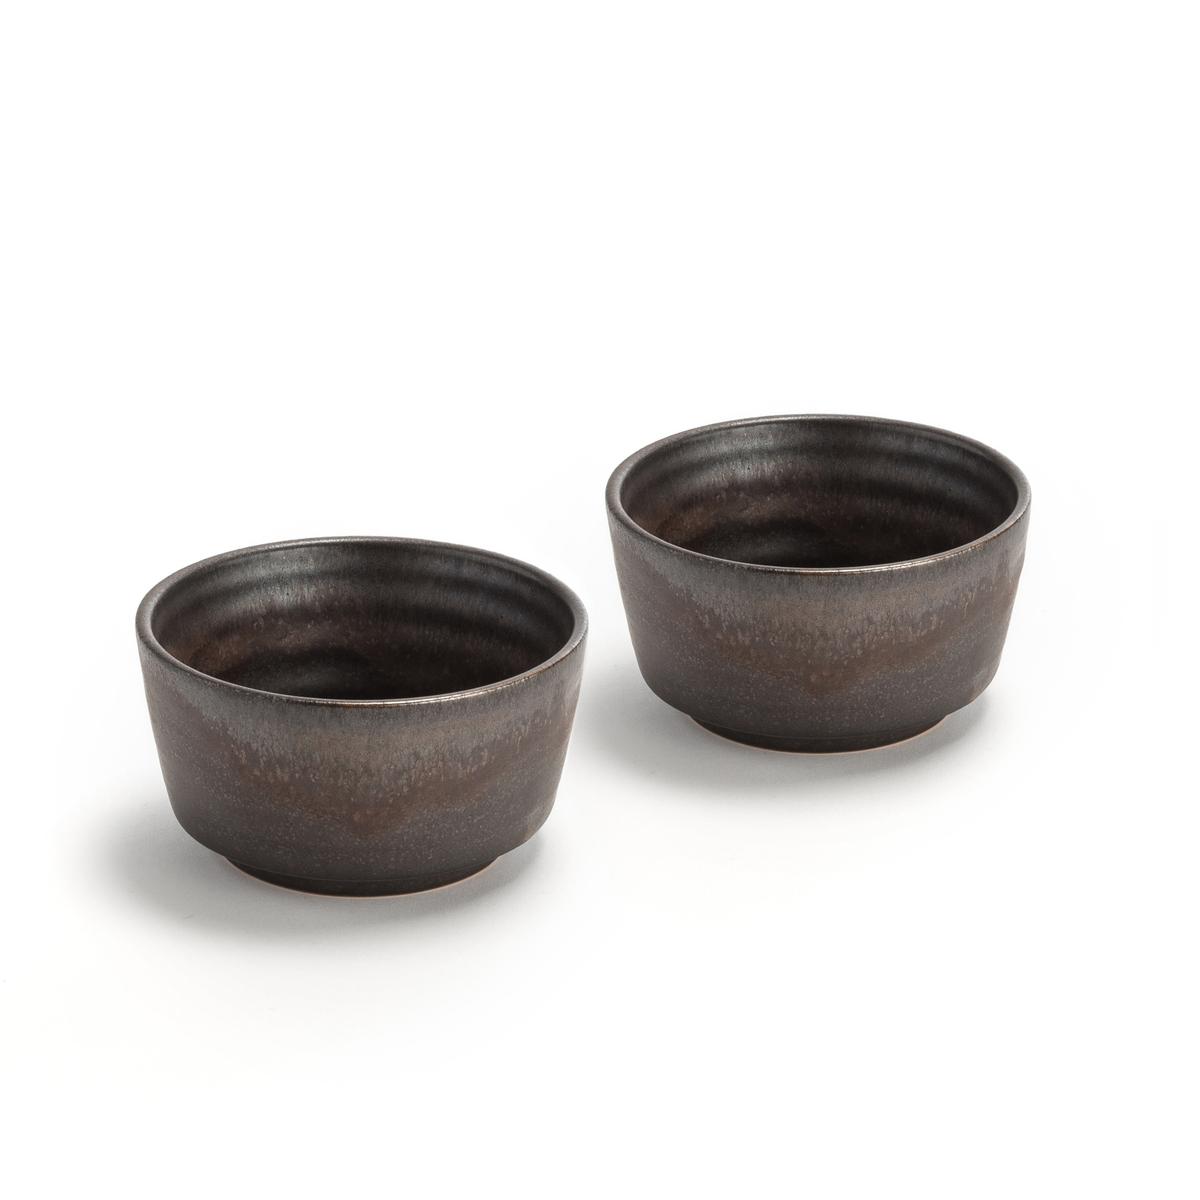 Чашки La Redoute Из глазурованной керамики см Chami единый размер каштановый кувшин la redoute из керамики sanna единый размер каштановый